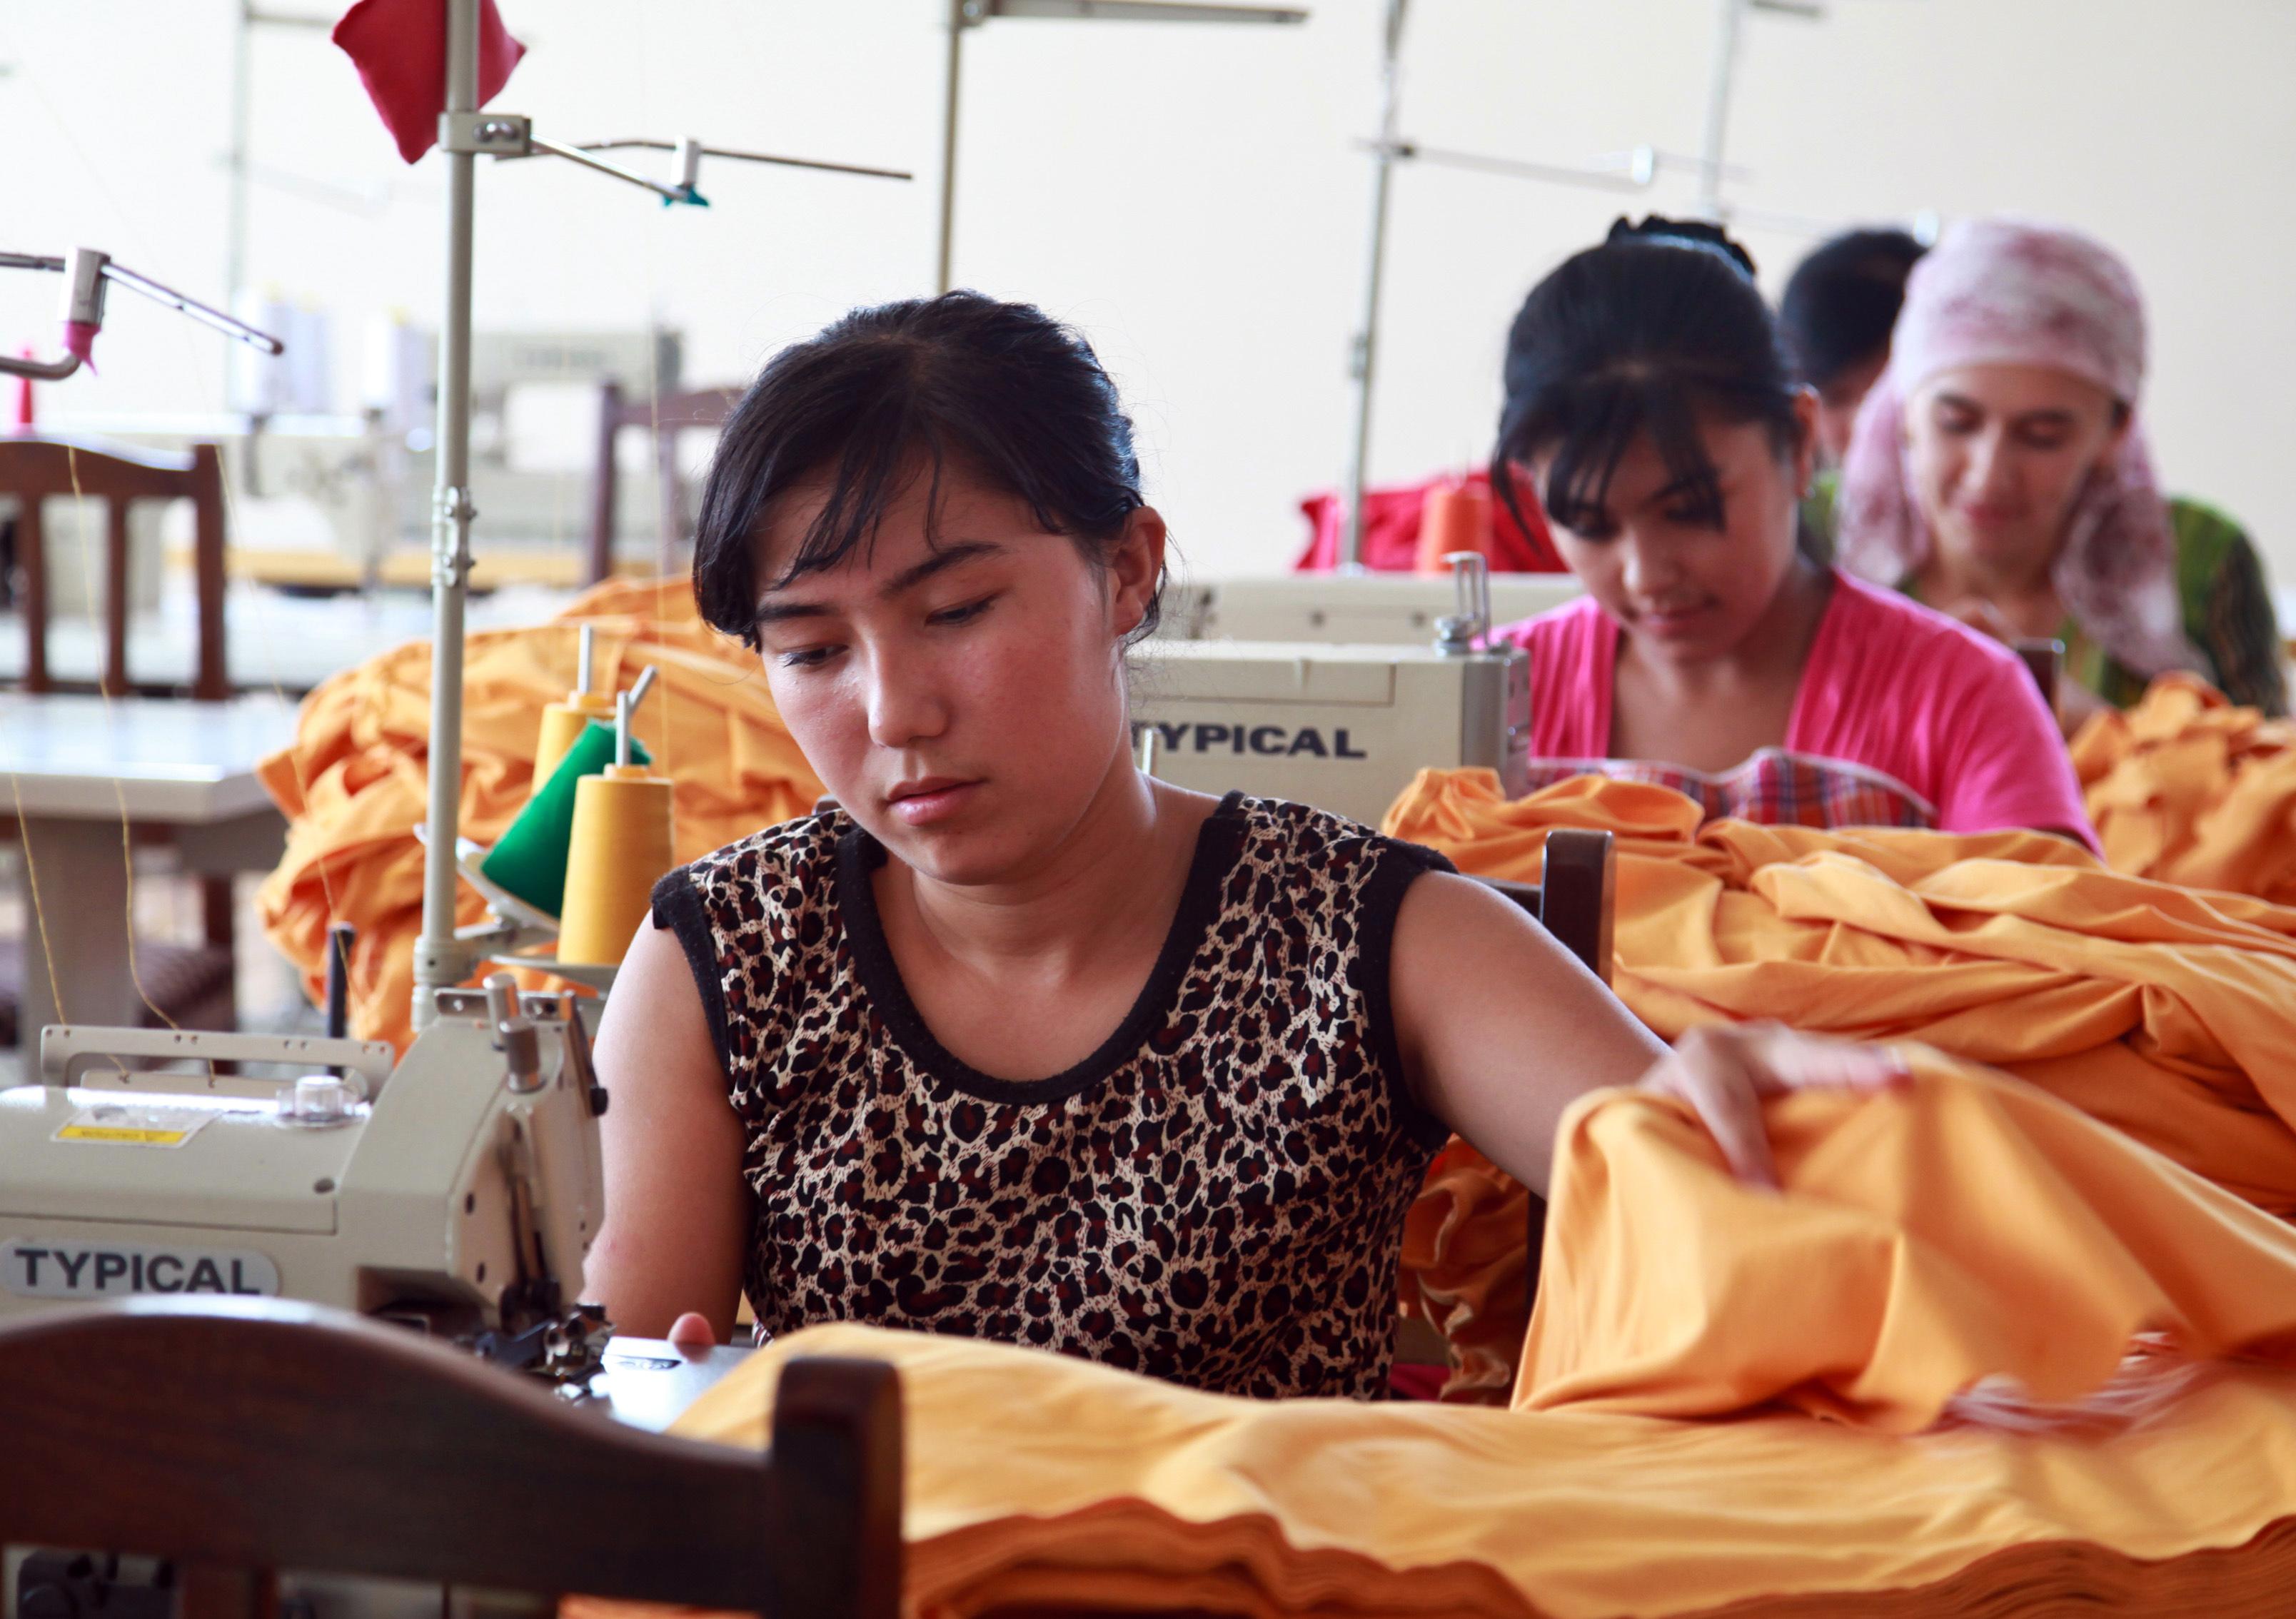 Näherinnen in einer Textilwerkstatt in Usbekistan